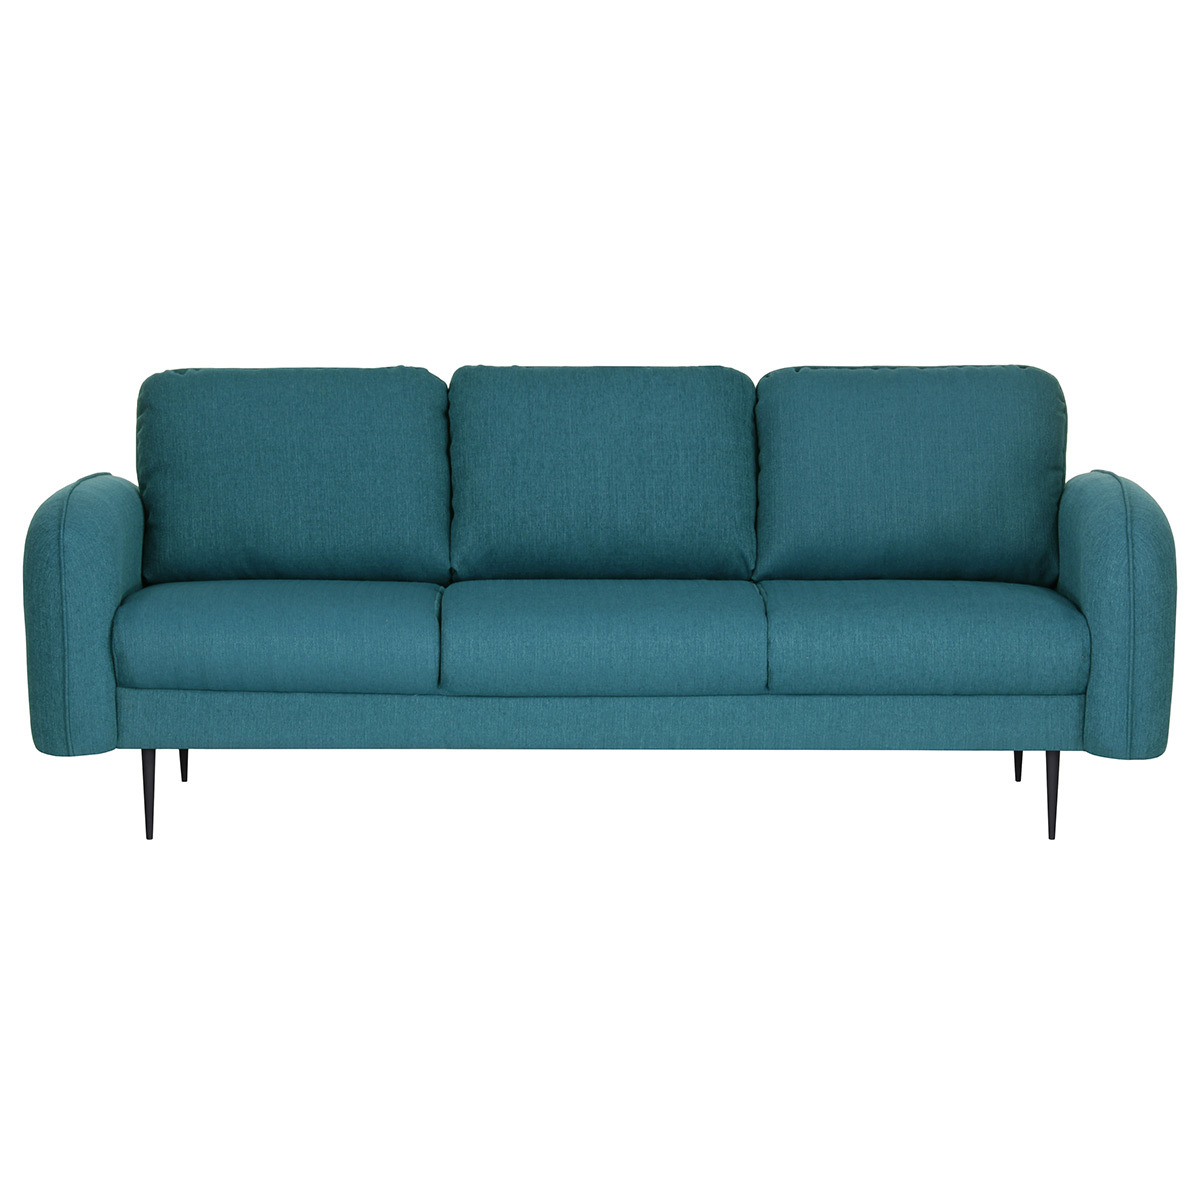 Divano design in tessuto Blu anatra 3 posti SIDI